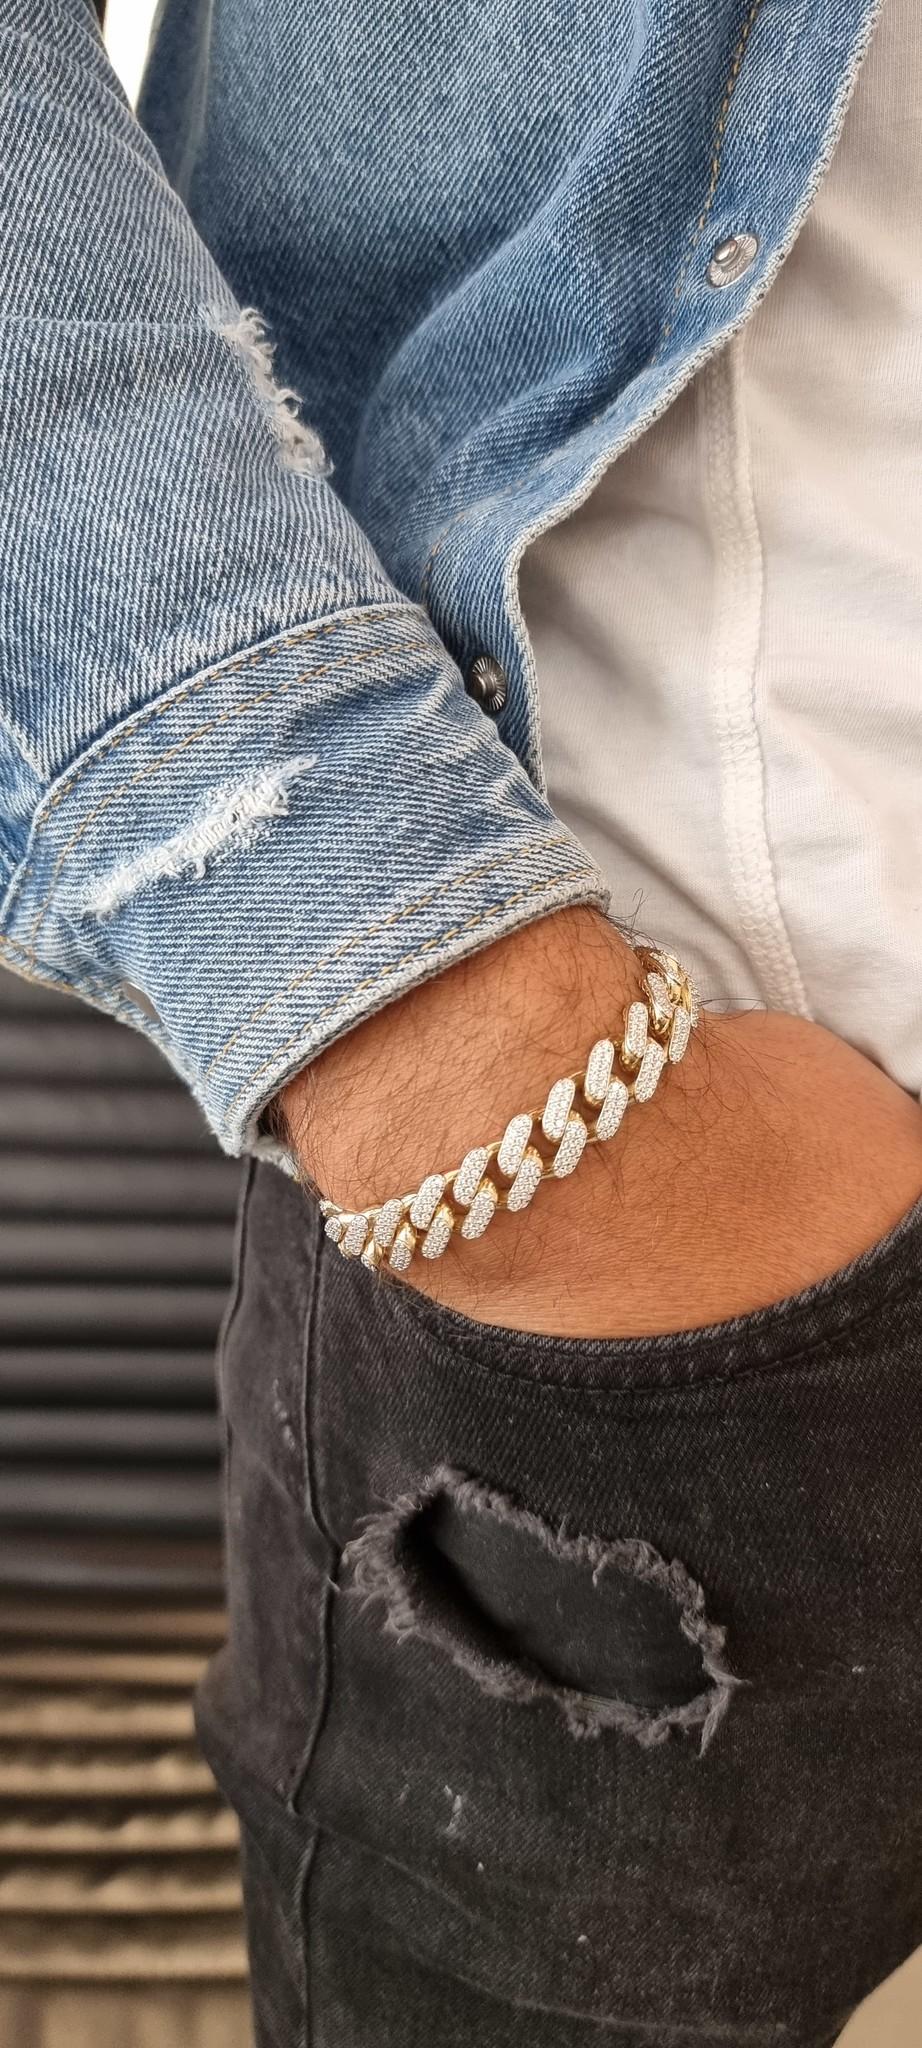 Armband bicolor cuban link schakel met zirkonia's-1